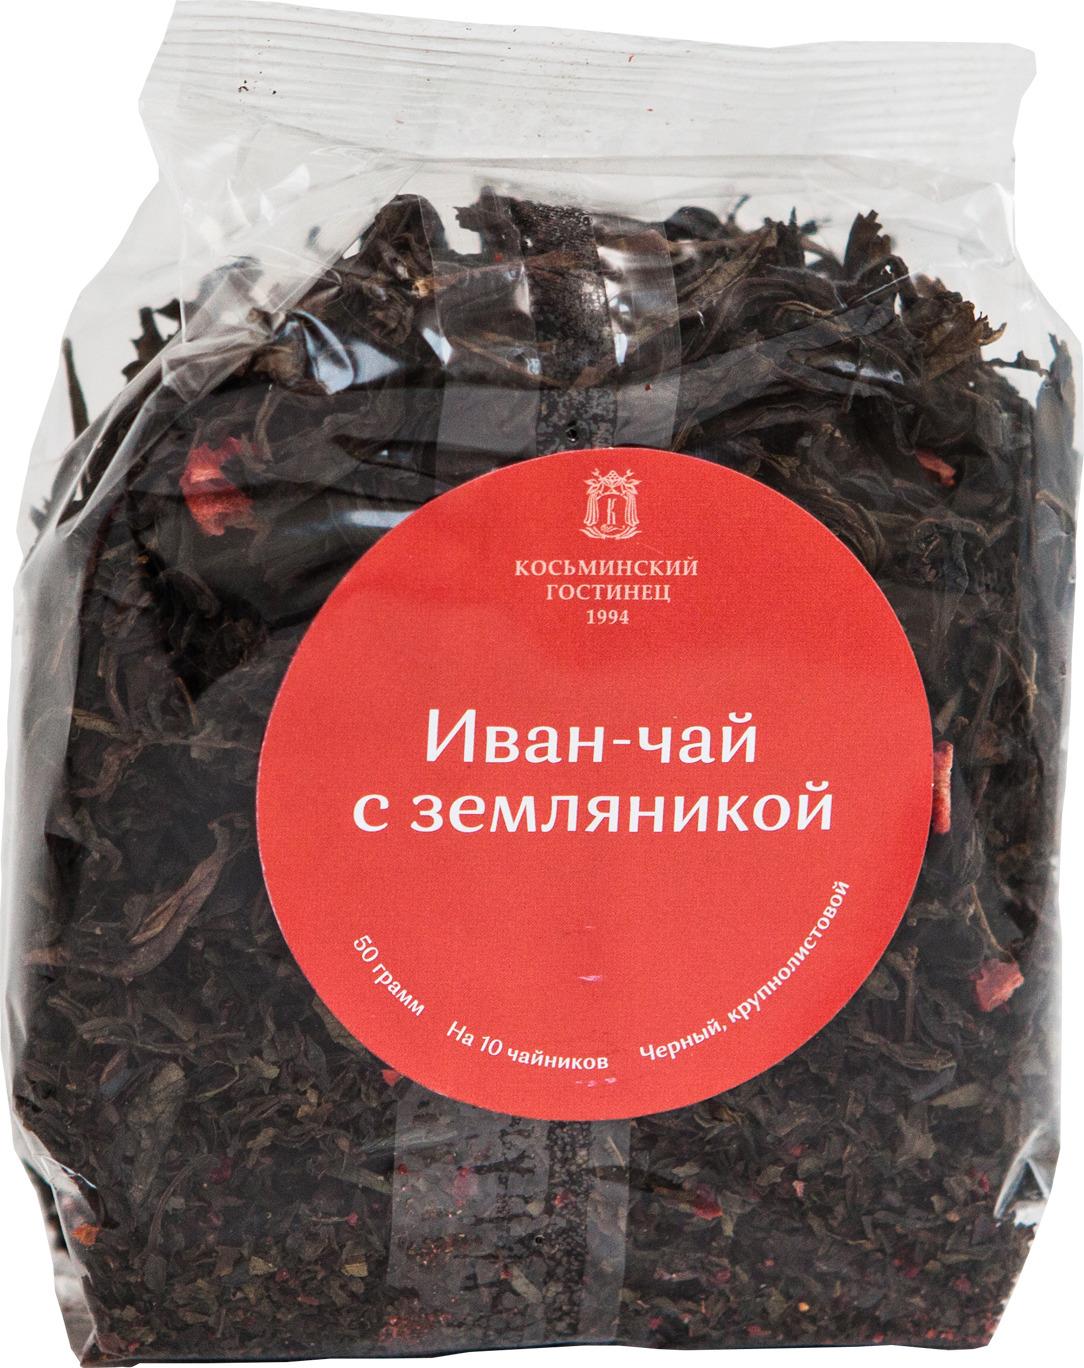 Иван-чай крупнолистовой Косьминский гостинец, с земляникой, 50 г иван чай крупнолистовой косьминский гостинец с мелиссой 50 г